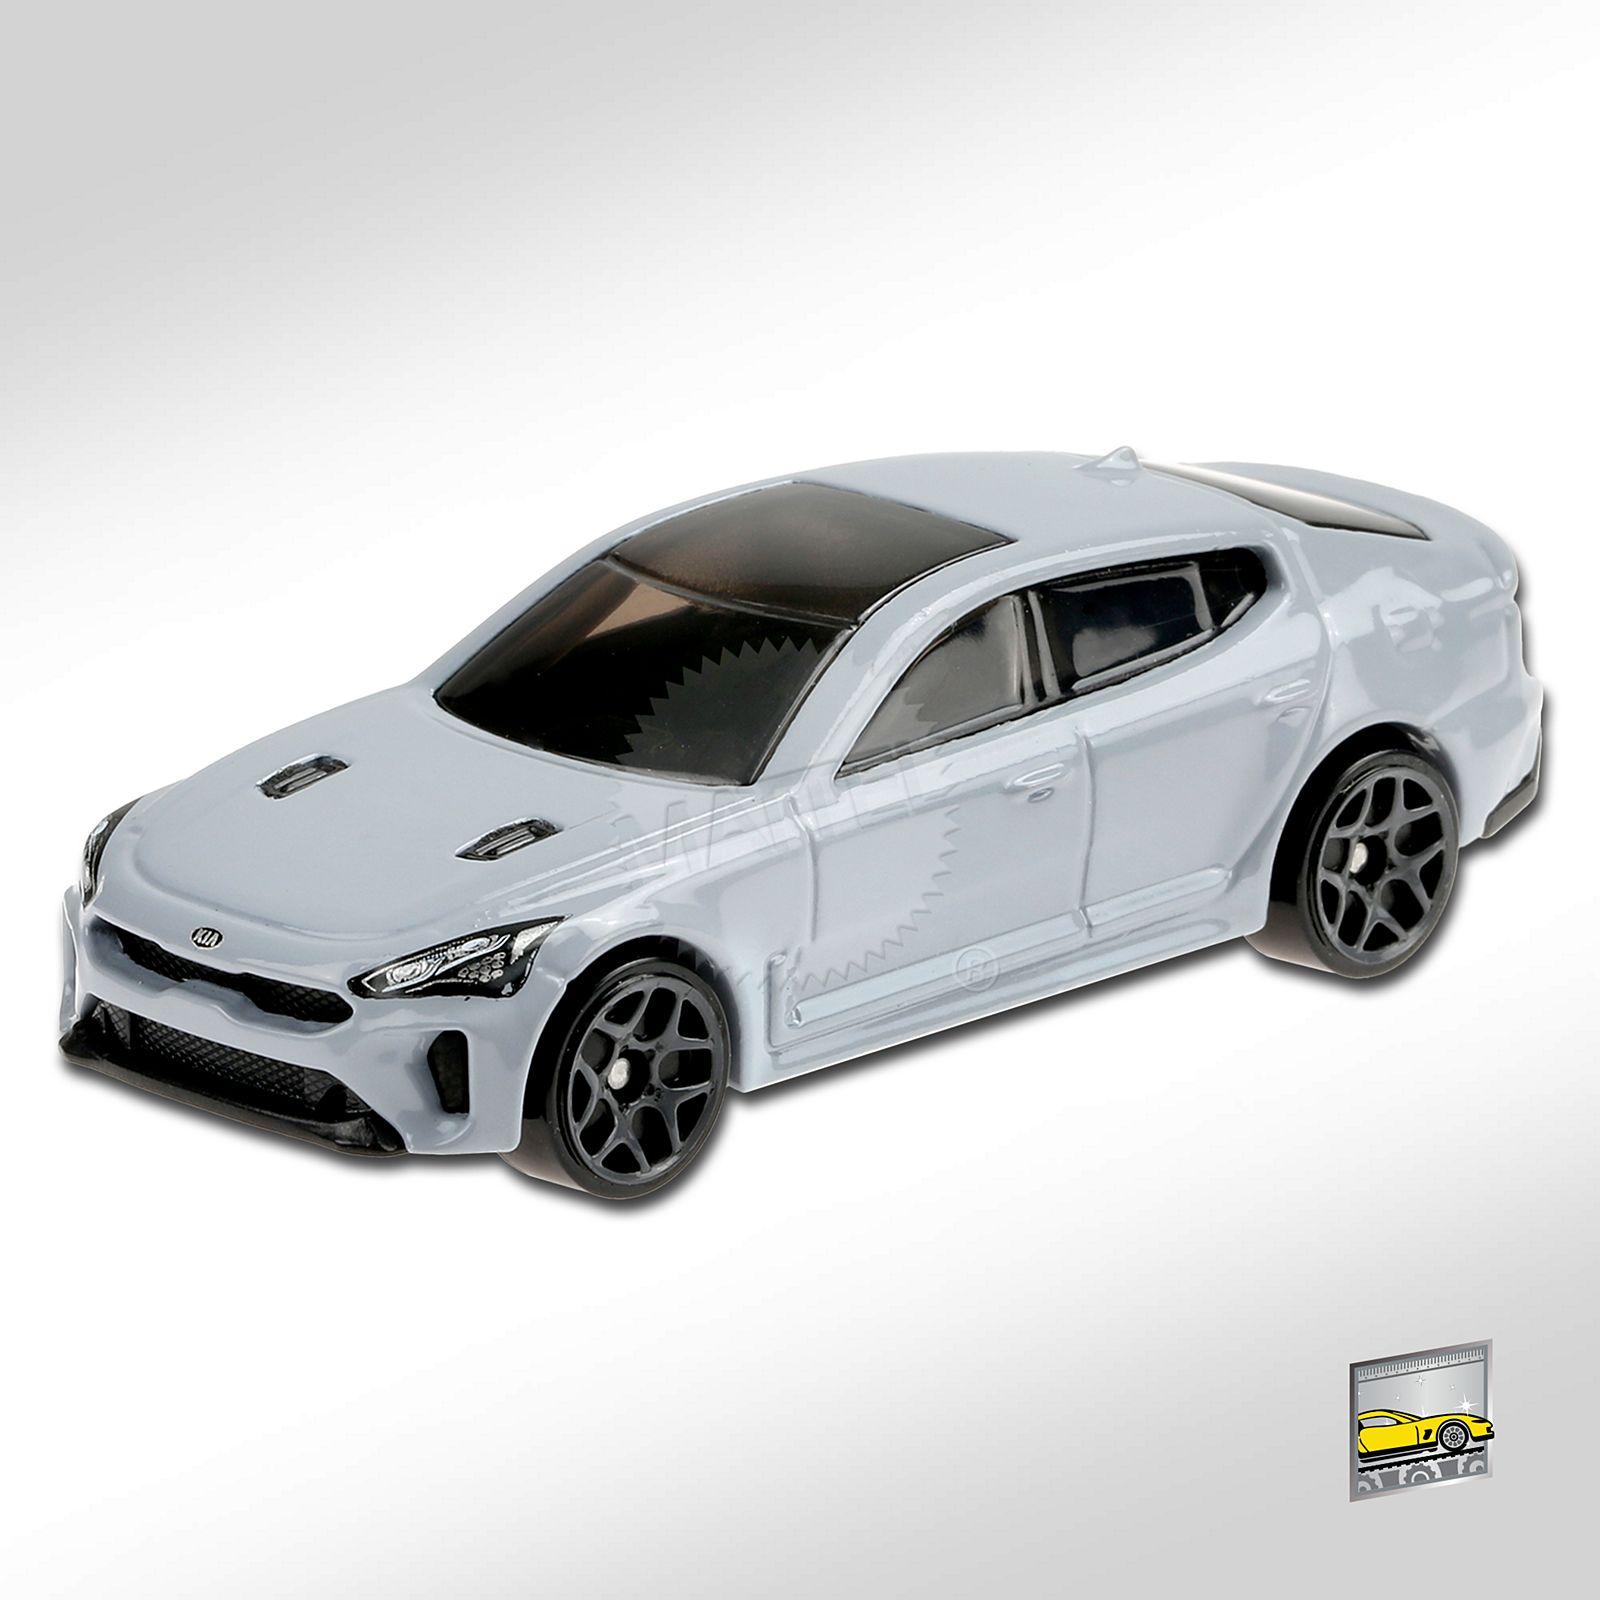 Carrinho Hot Wheels 2019 Kia Stinger GT (KRFWP) Factory Fresh - Mattel